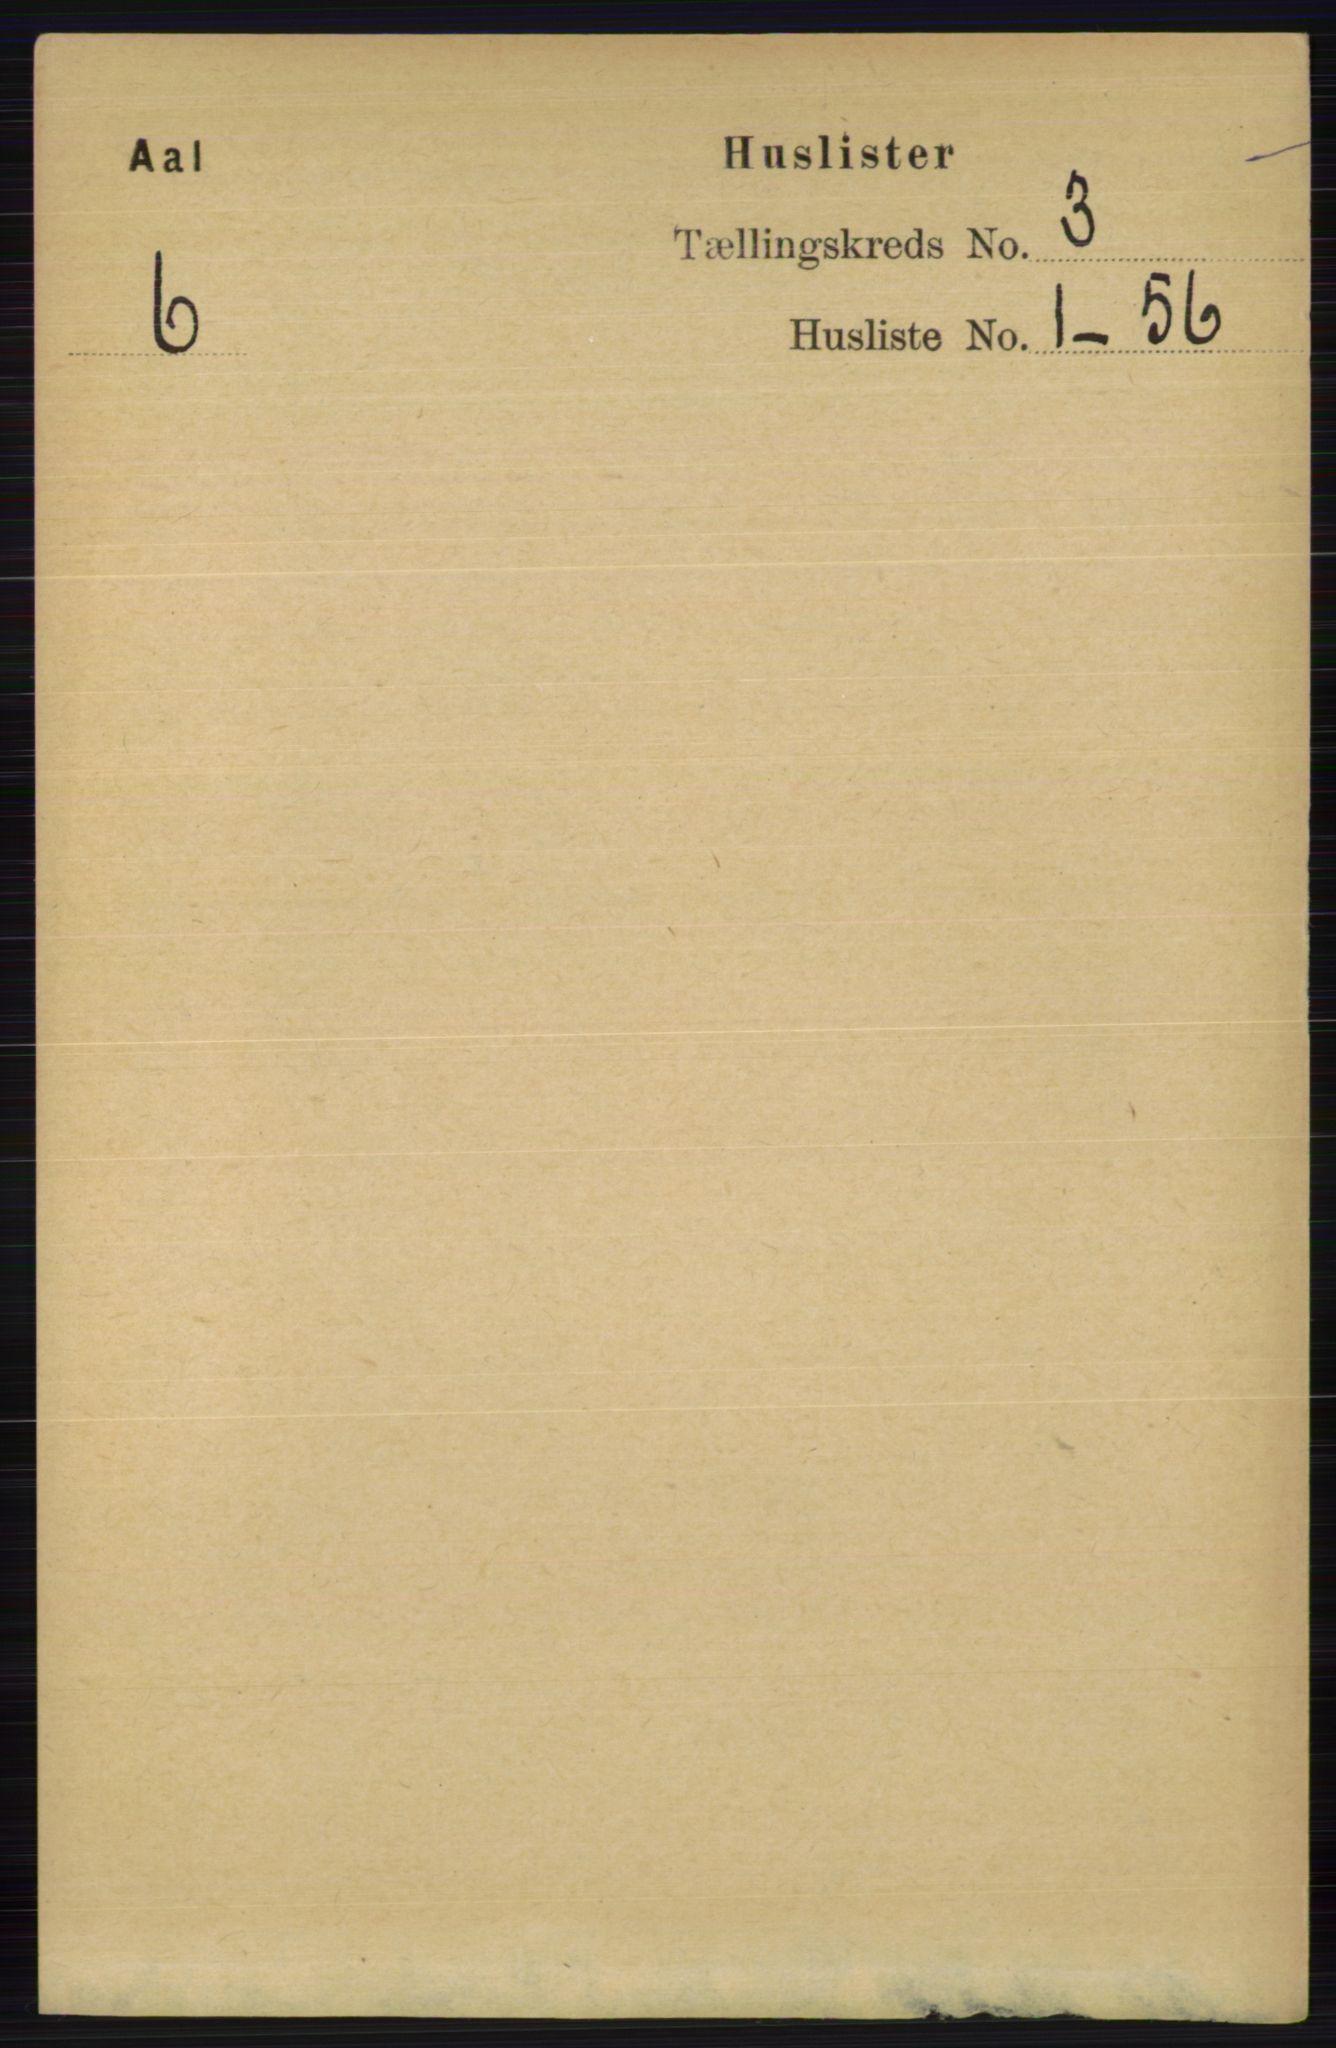 RA, Folketelling 1891 for 0619 Ål herred, 1891, s. 594